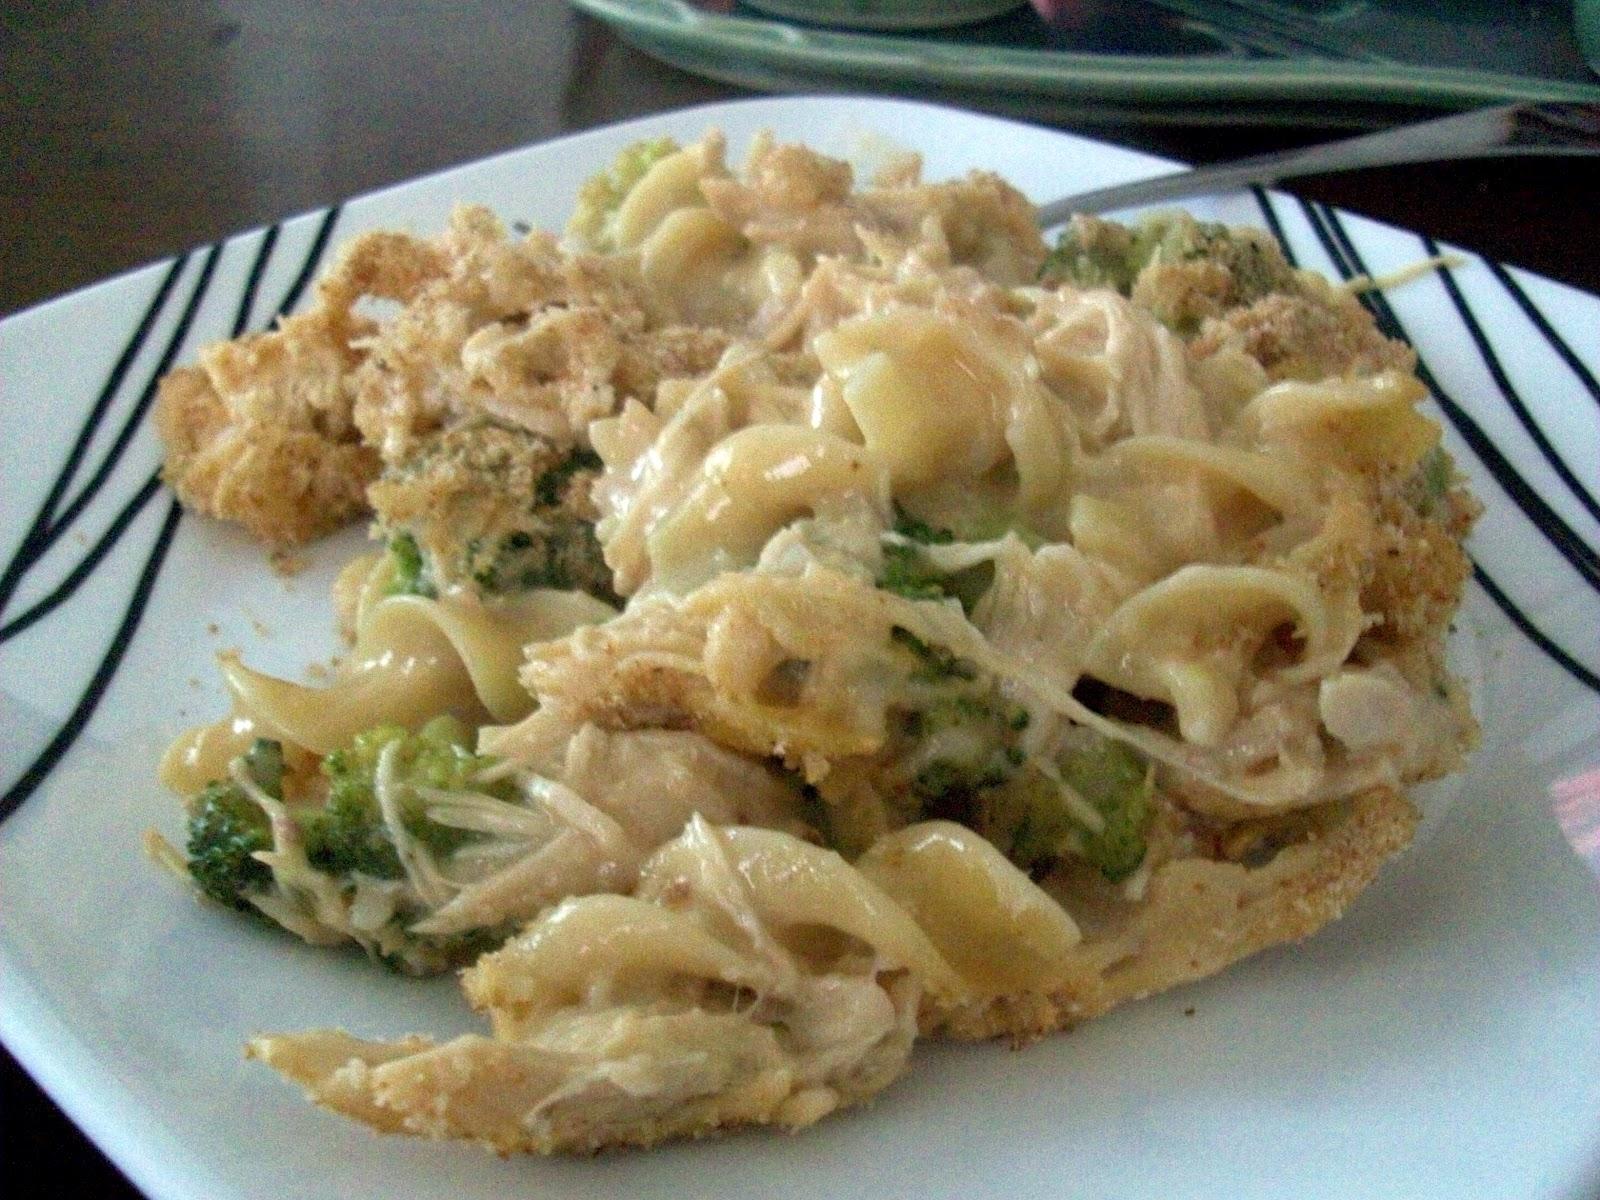 Chicken And Broccoli Noodle Casserole Recipe — Dishmaps